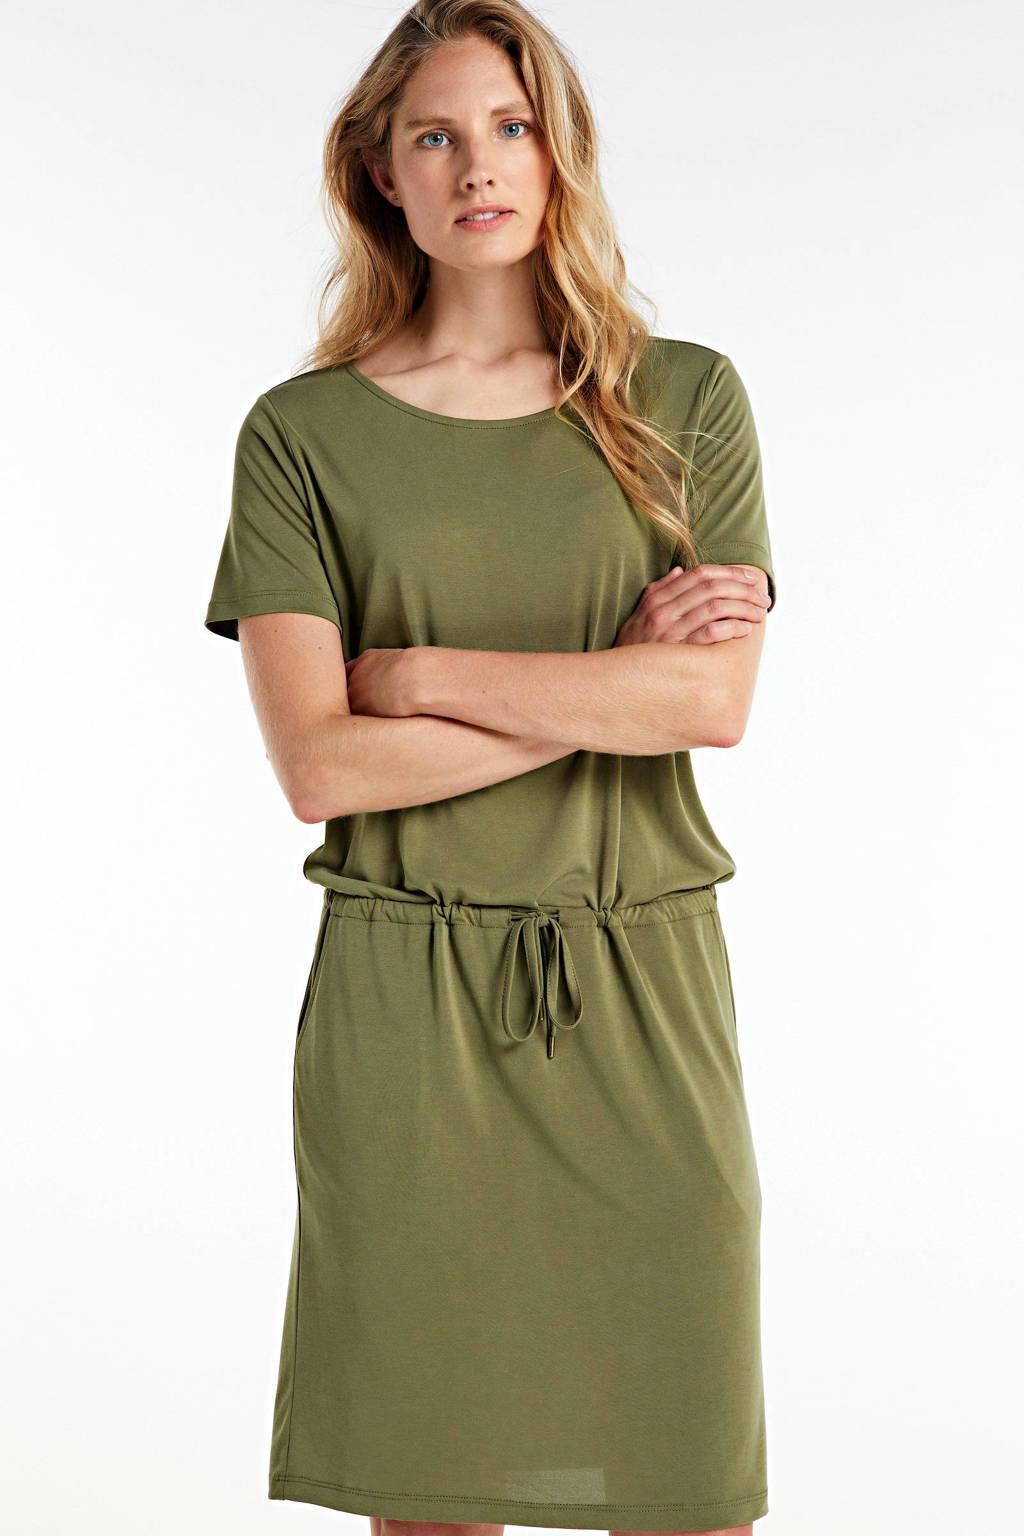 FREEQUENT jersey jurk met ceintuur olijfgroen, Olijfgroen